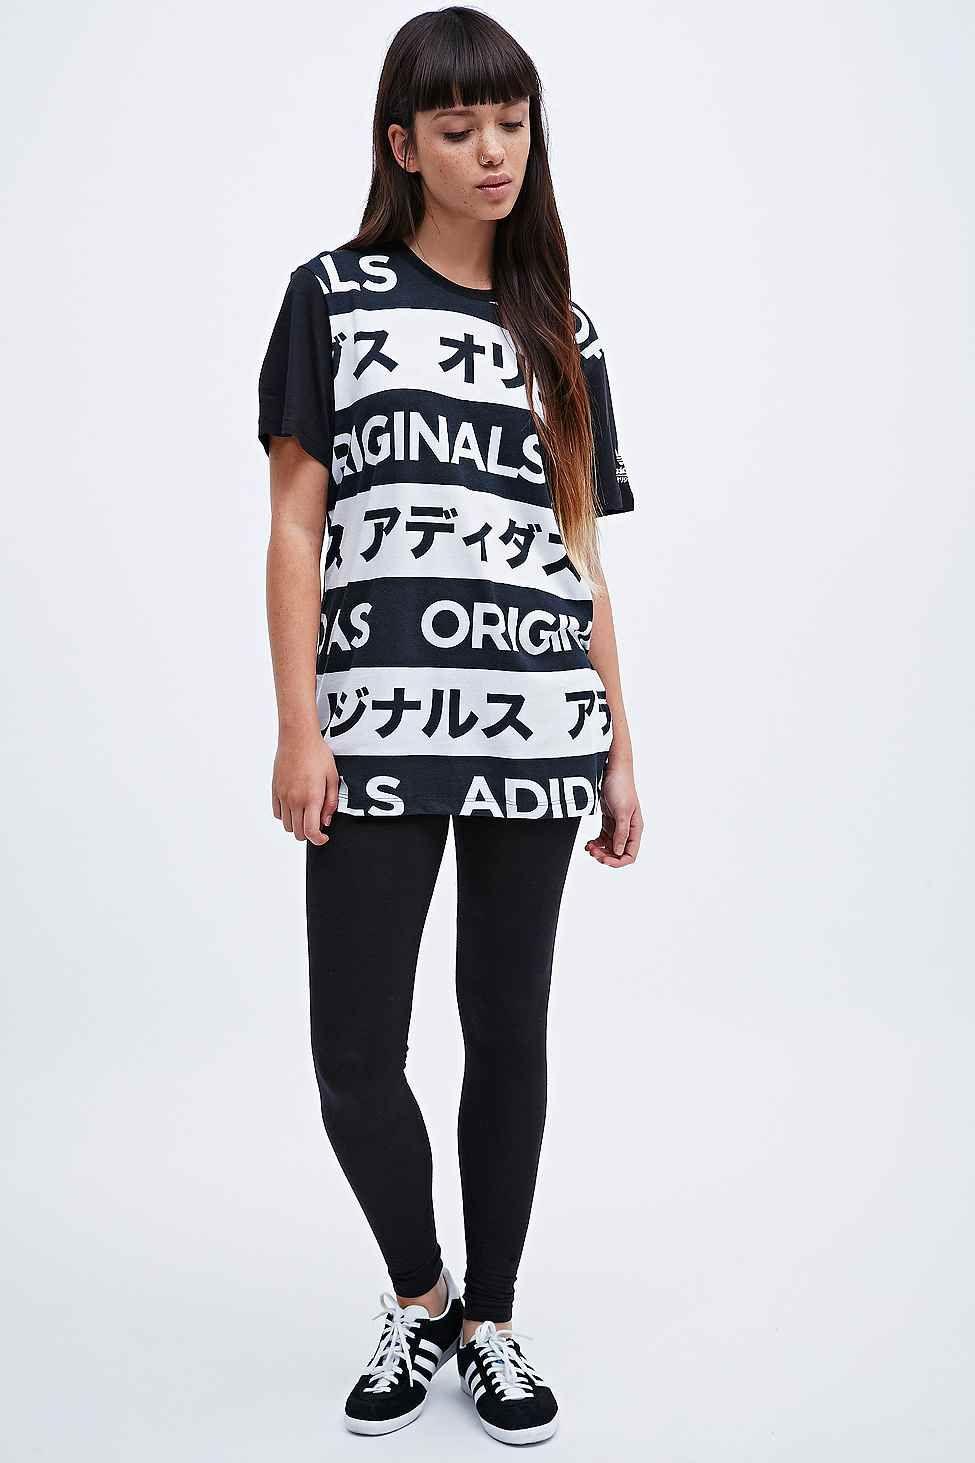 Adidas Typo Tee In Black And White Fashion Urban Fashion Typo Tees [ 1463 x 975 Pixel ]